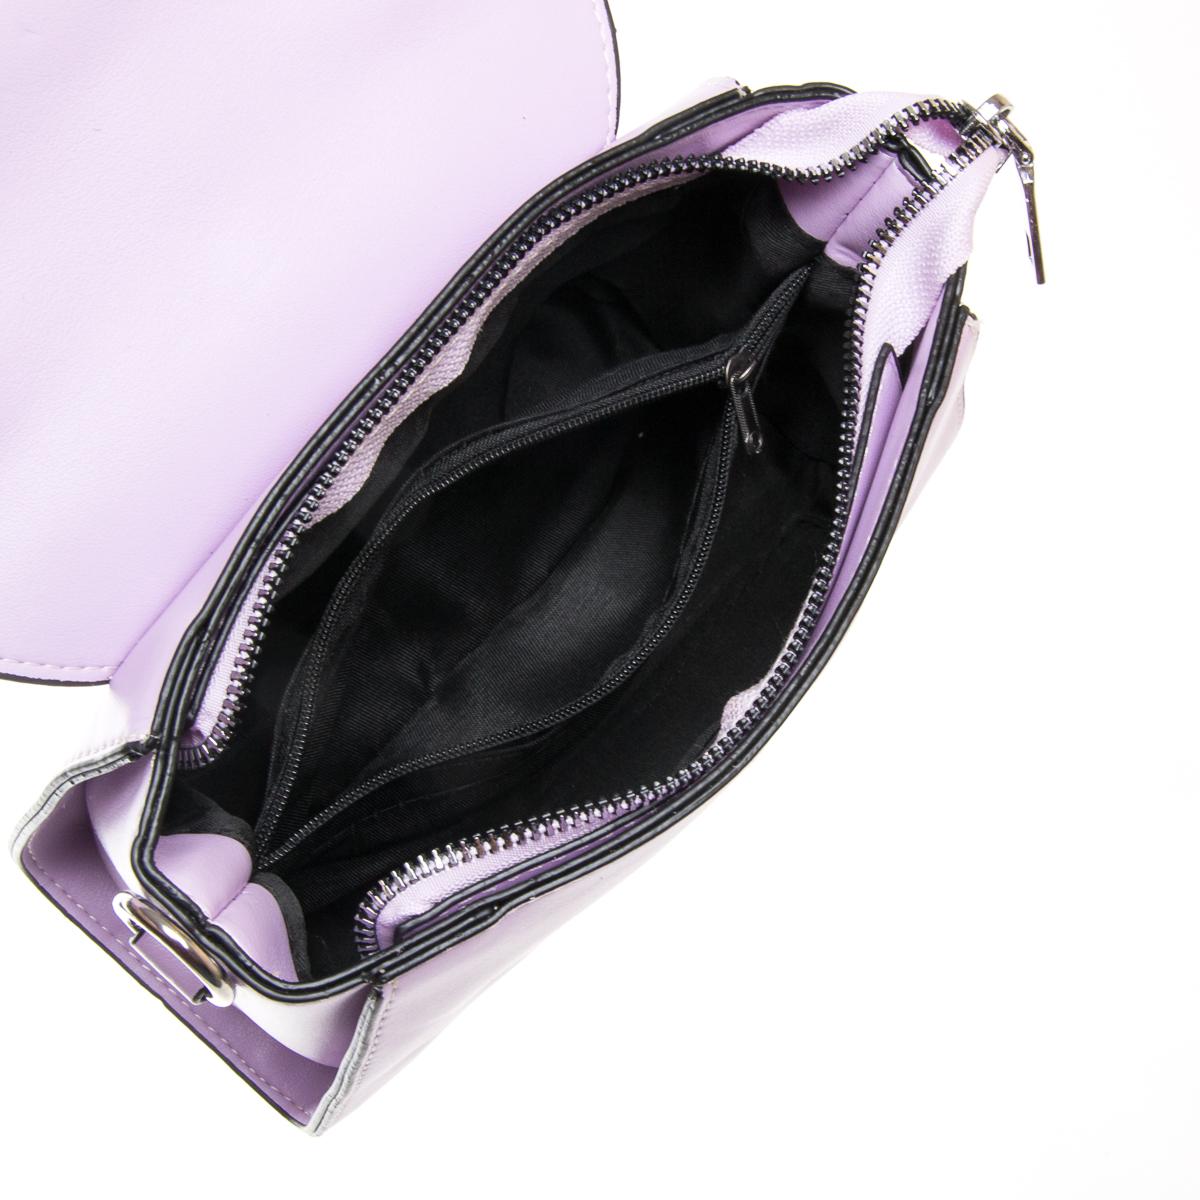 Сумка Женская Классическая иск-кожа FASHION 01-00 9908 purple - фото 5